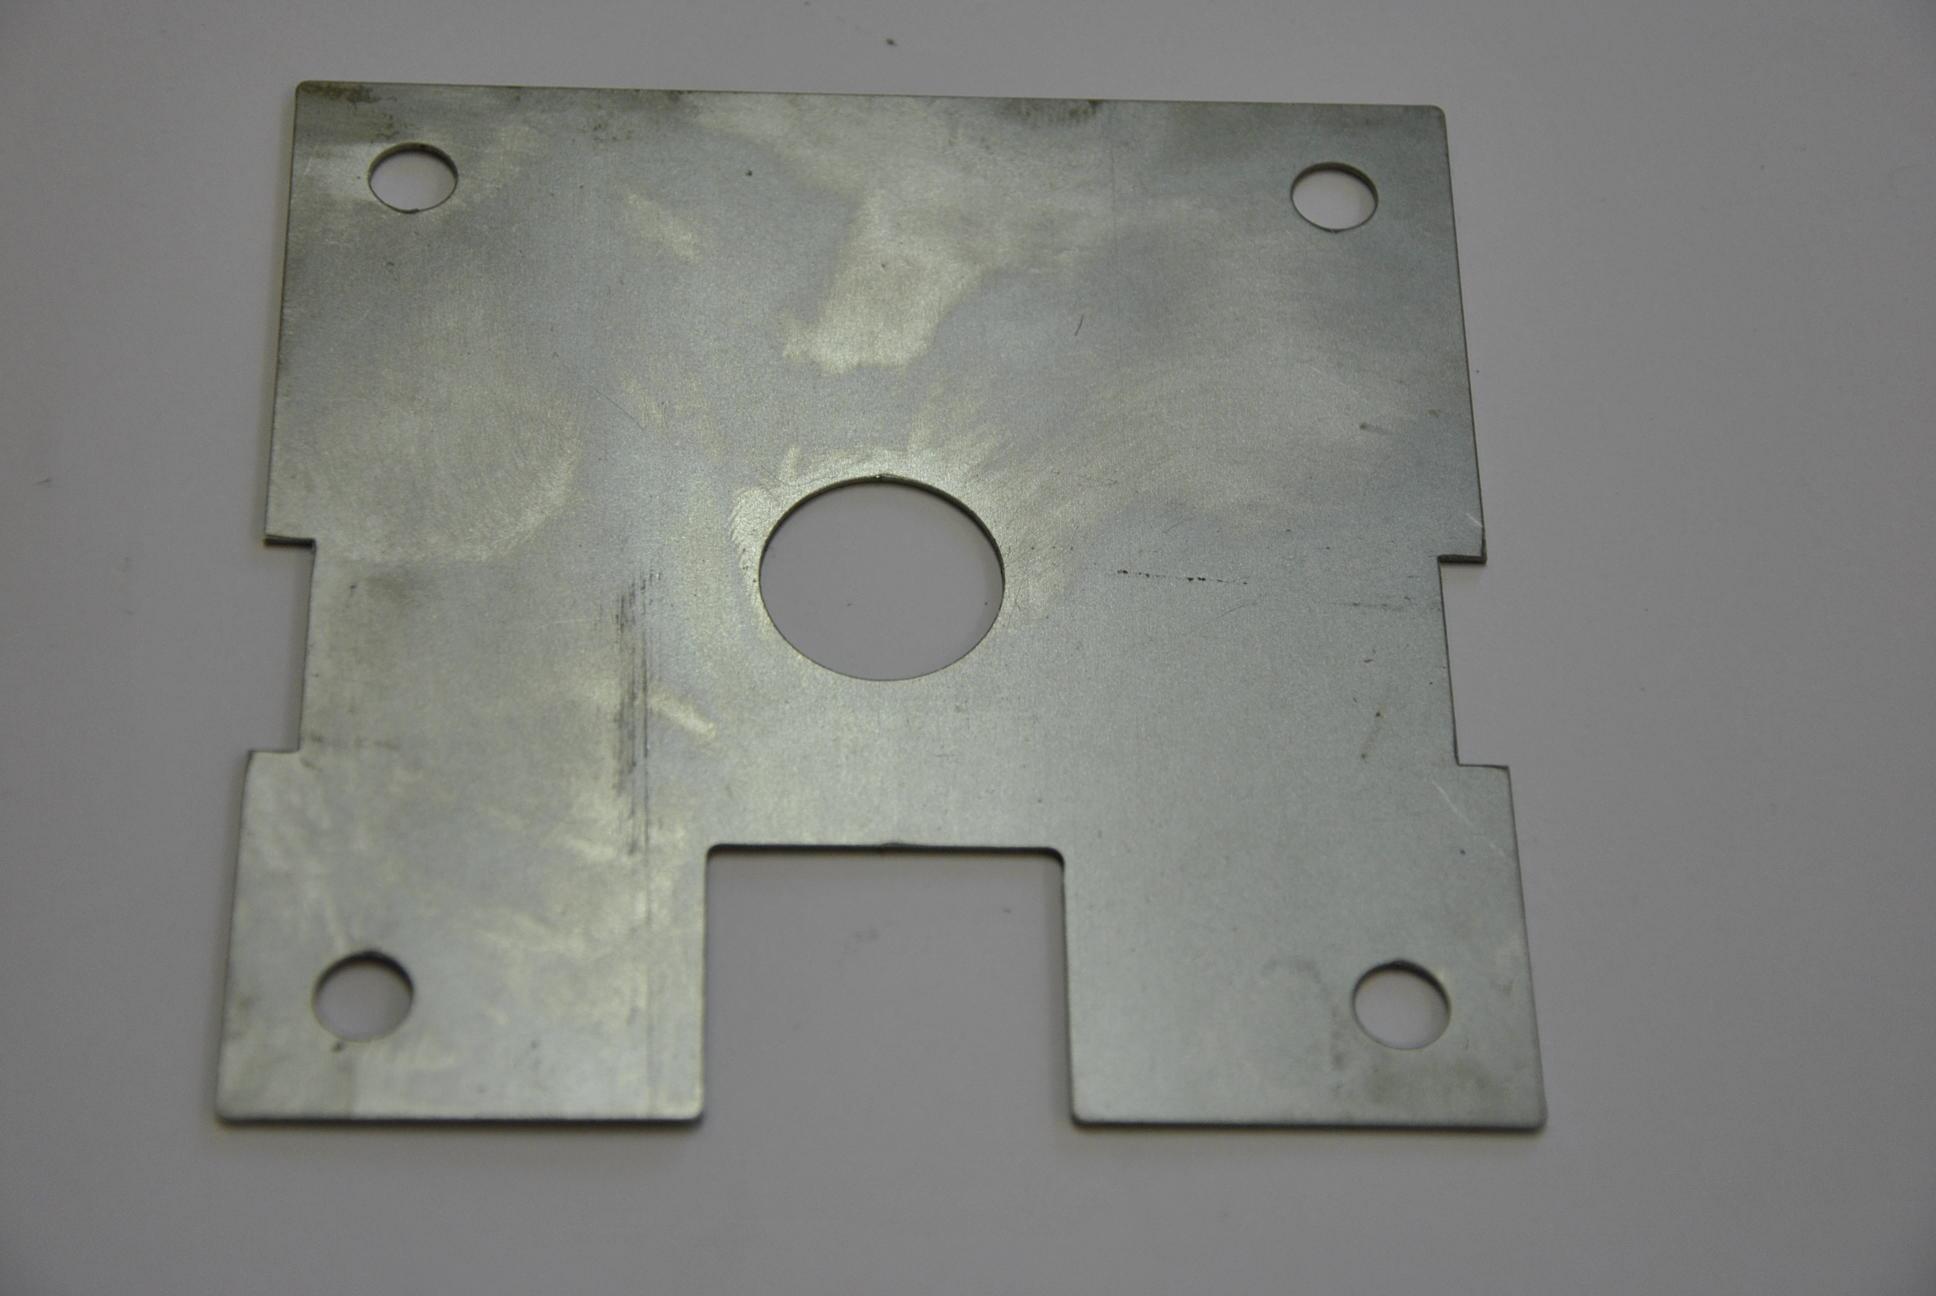 Дистанционная прокладка под пластины скручивающего устройства